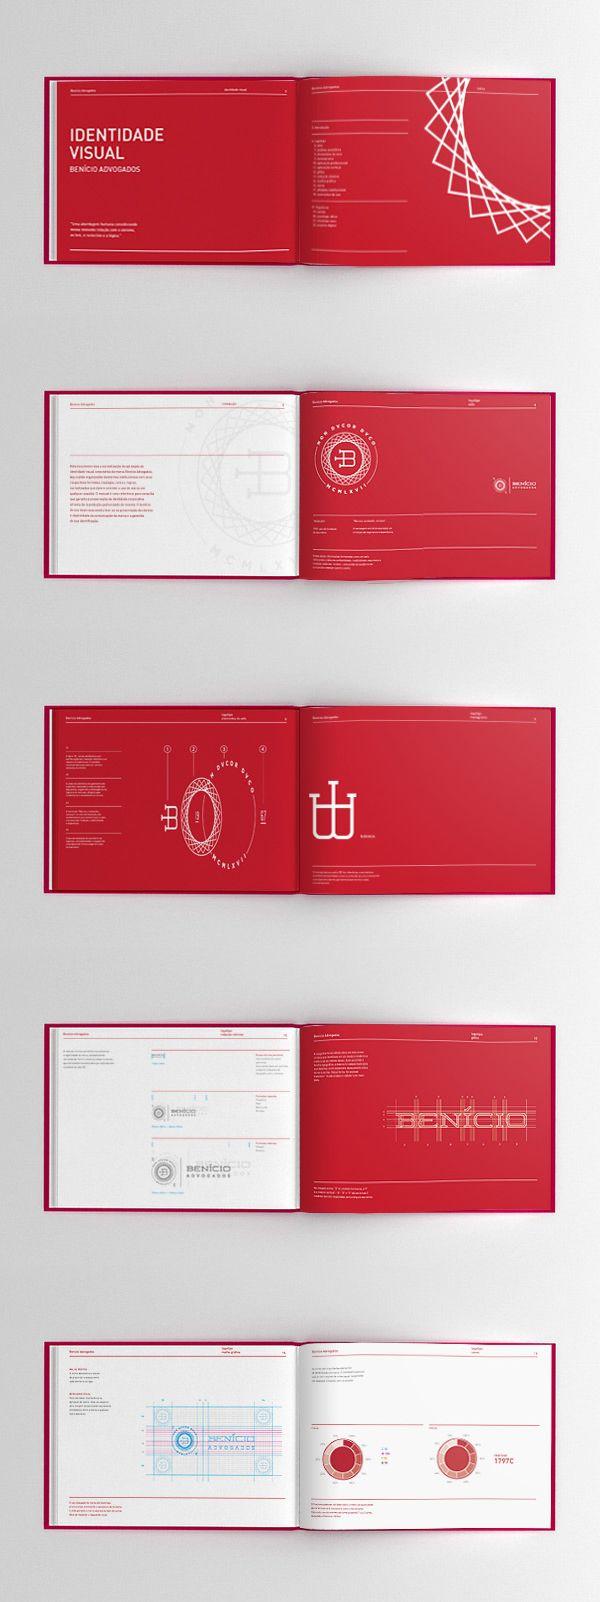 brosch re ben cio lawyers wid pinterest brosch ren grafik layouts und dokumentation. Black Bedroom Furniture Sets. Home Design Ideas